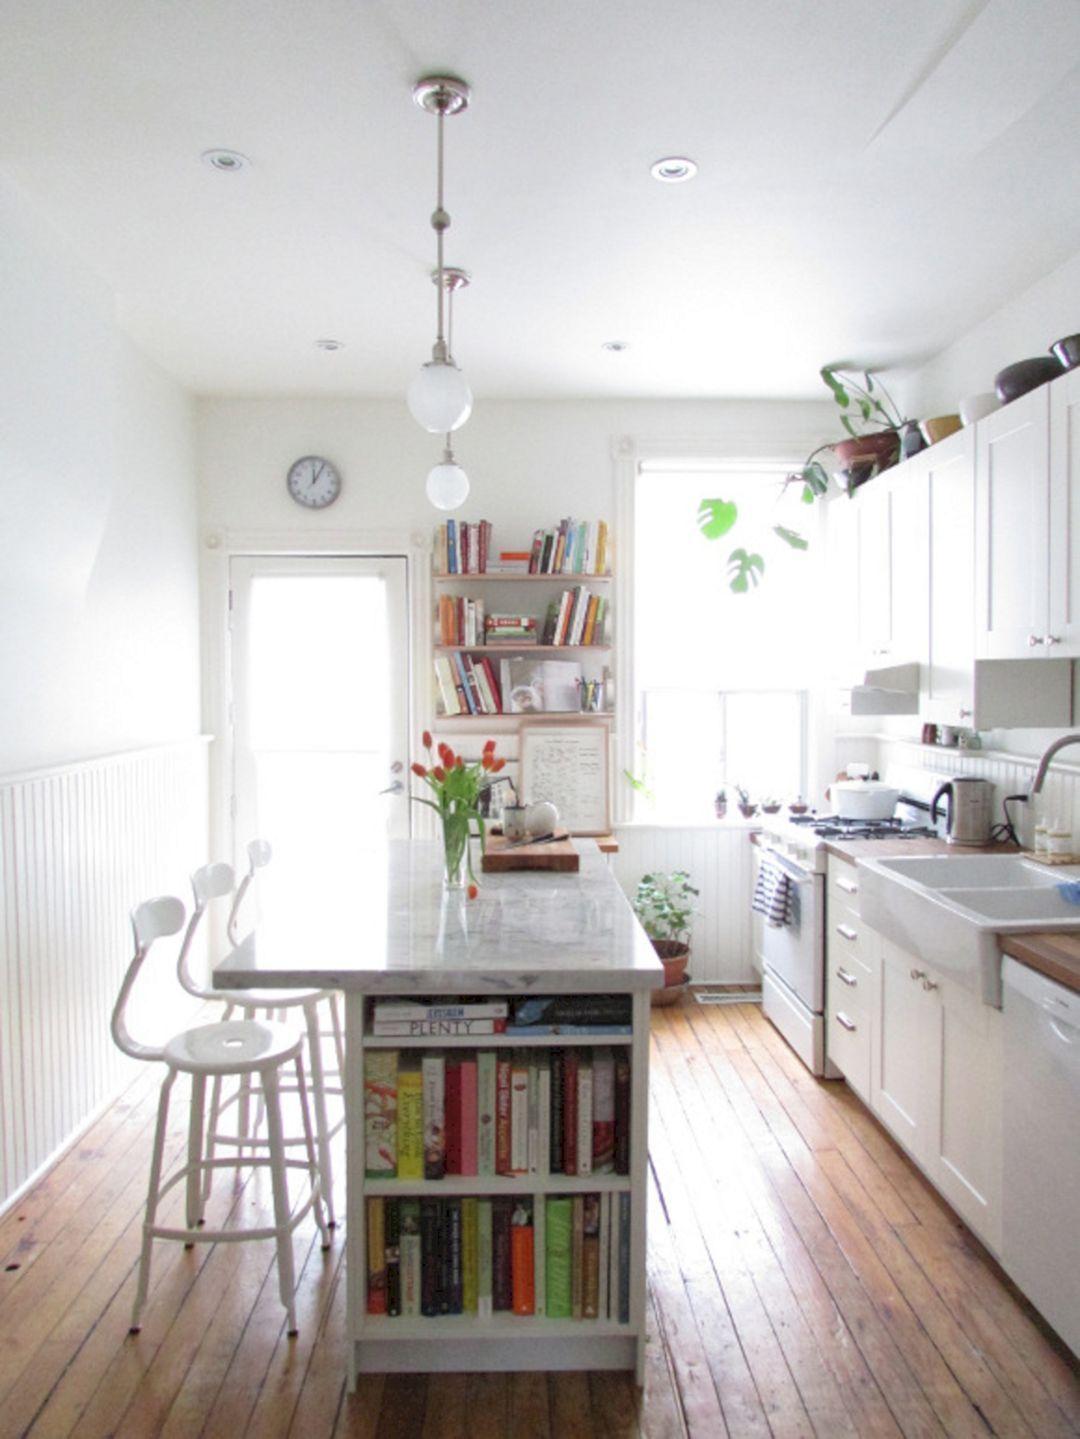 pretty small kitchen ideas 10 picture most inspire decoredo farmhouse kitchen inspiration on farmhouse kitchen small id=36757